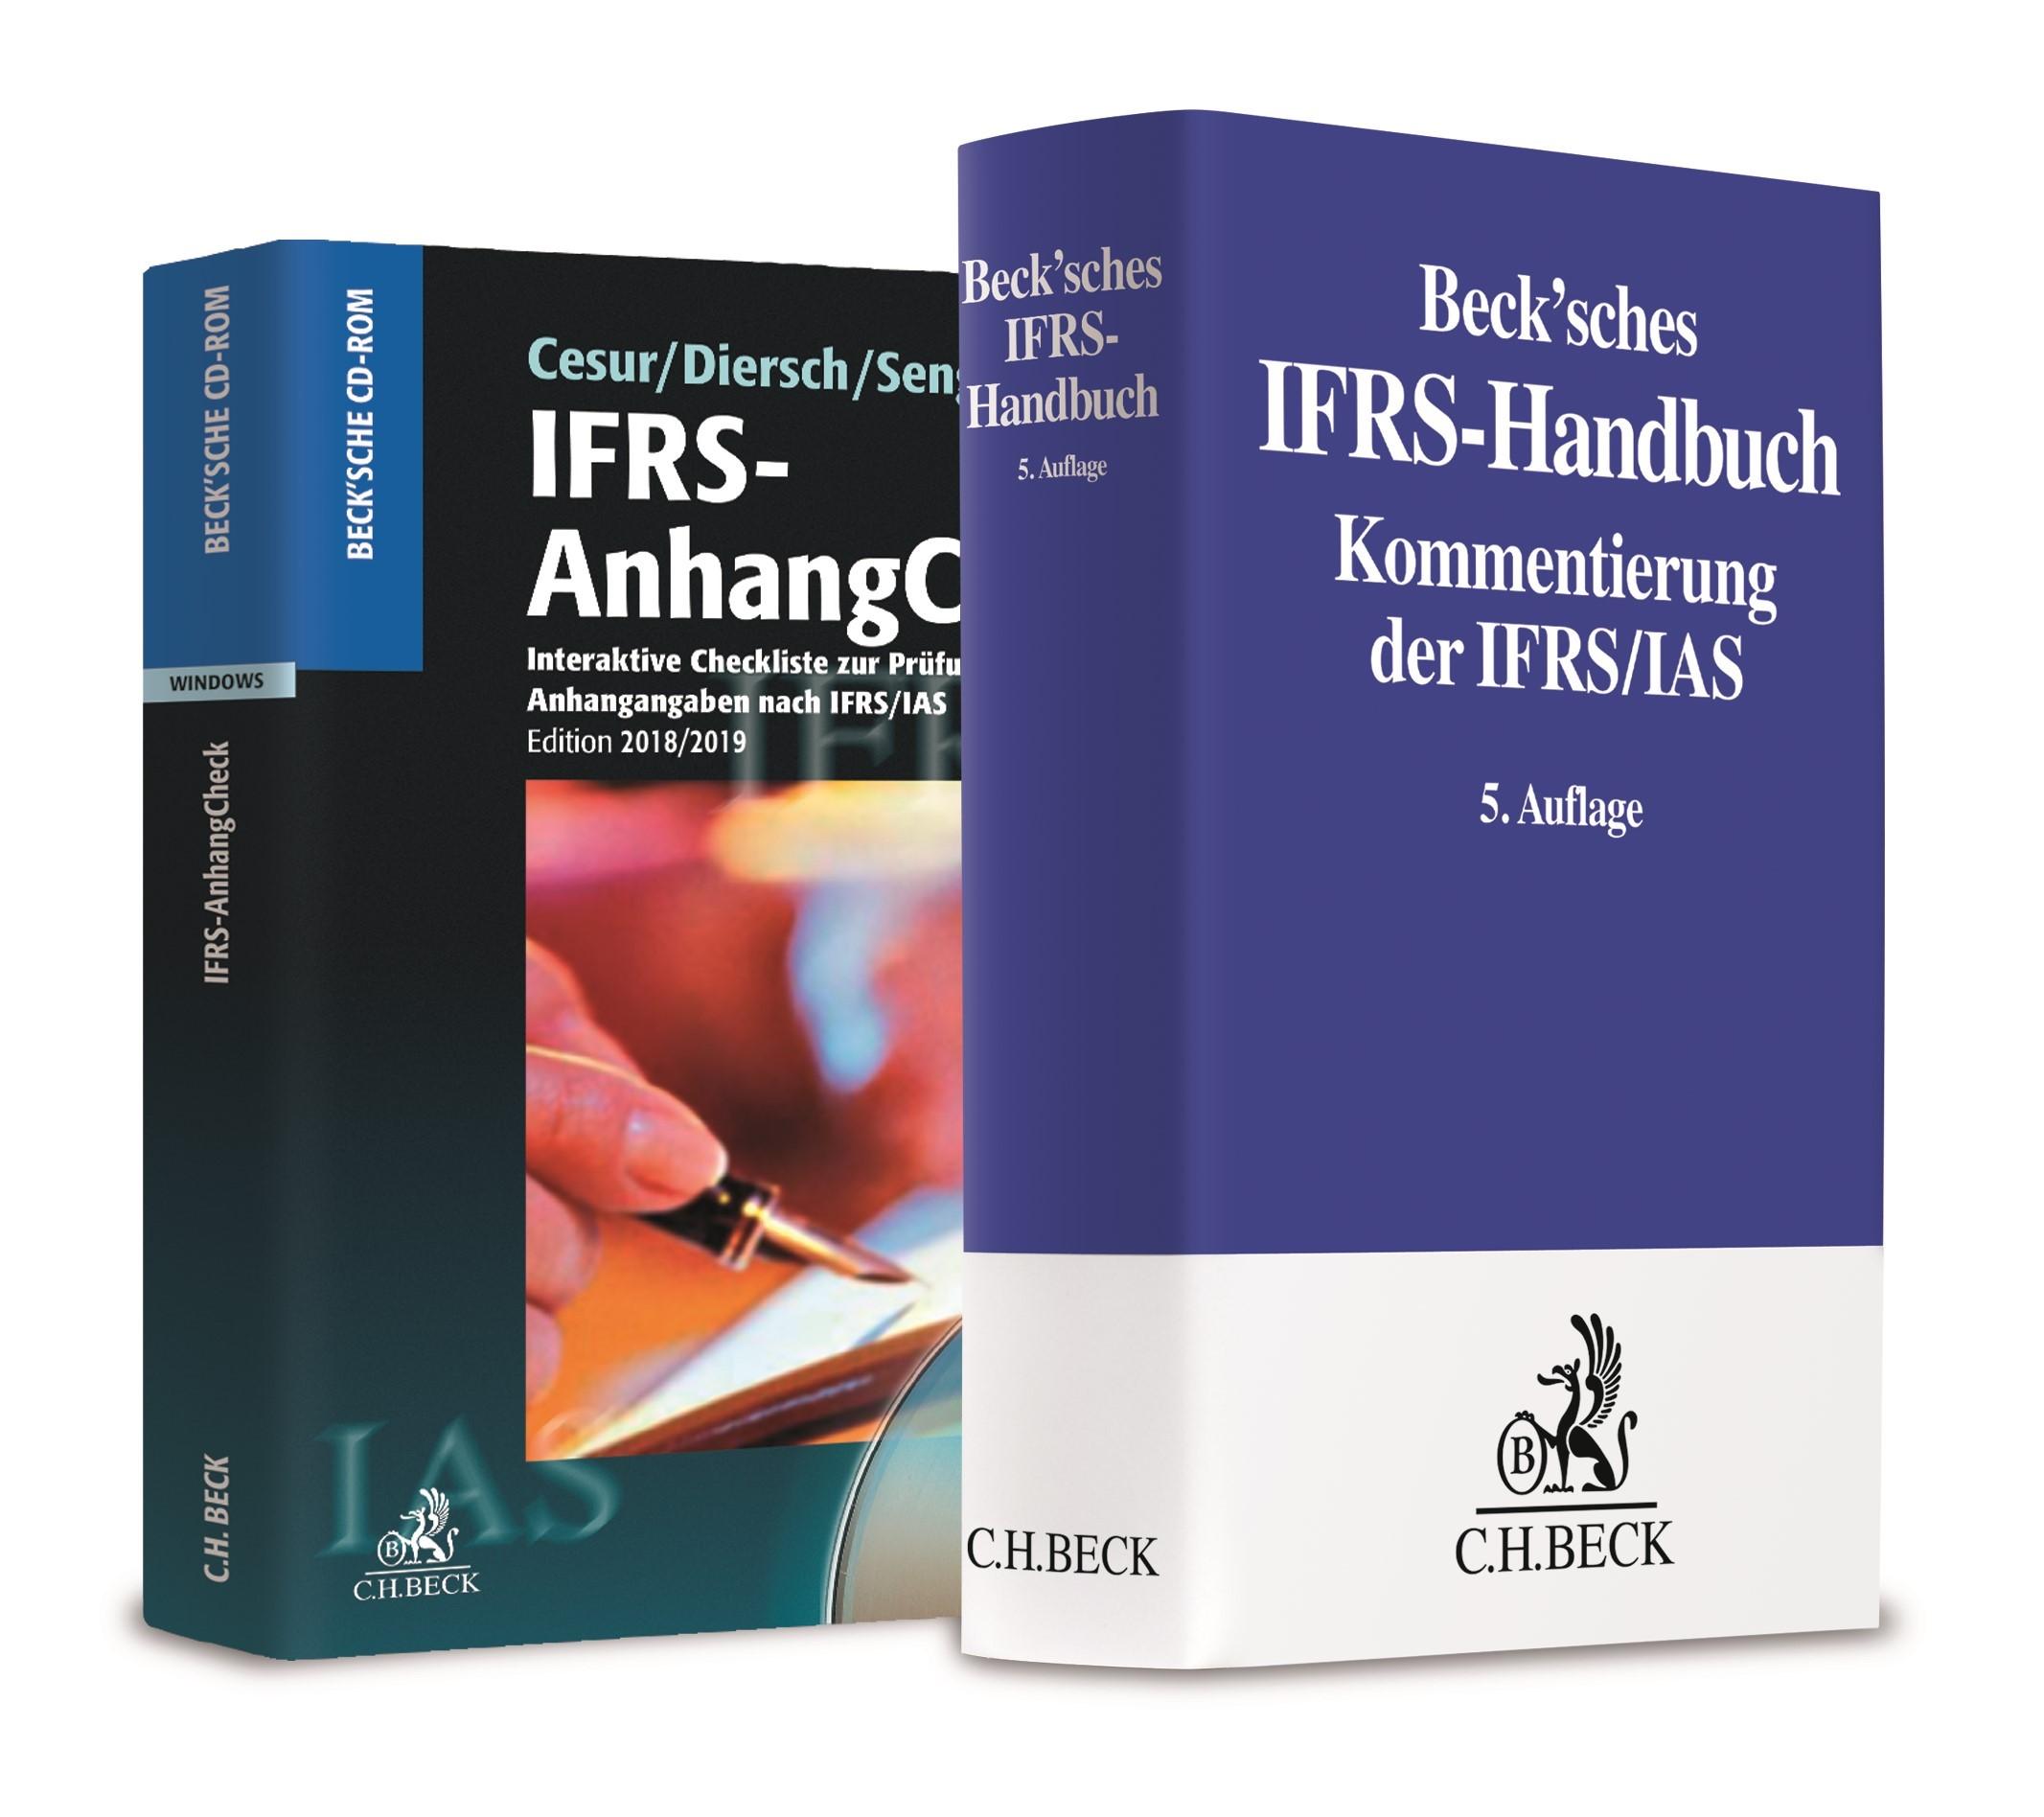 Abbildung von Cesur / Diersch / Senger | Beck'sches IFRS-Handbuch 5. Auflage 2016 + IFRS-AnhangCheck 2018/2019 • Set